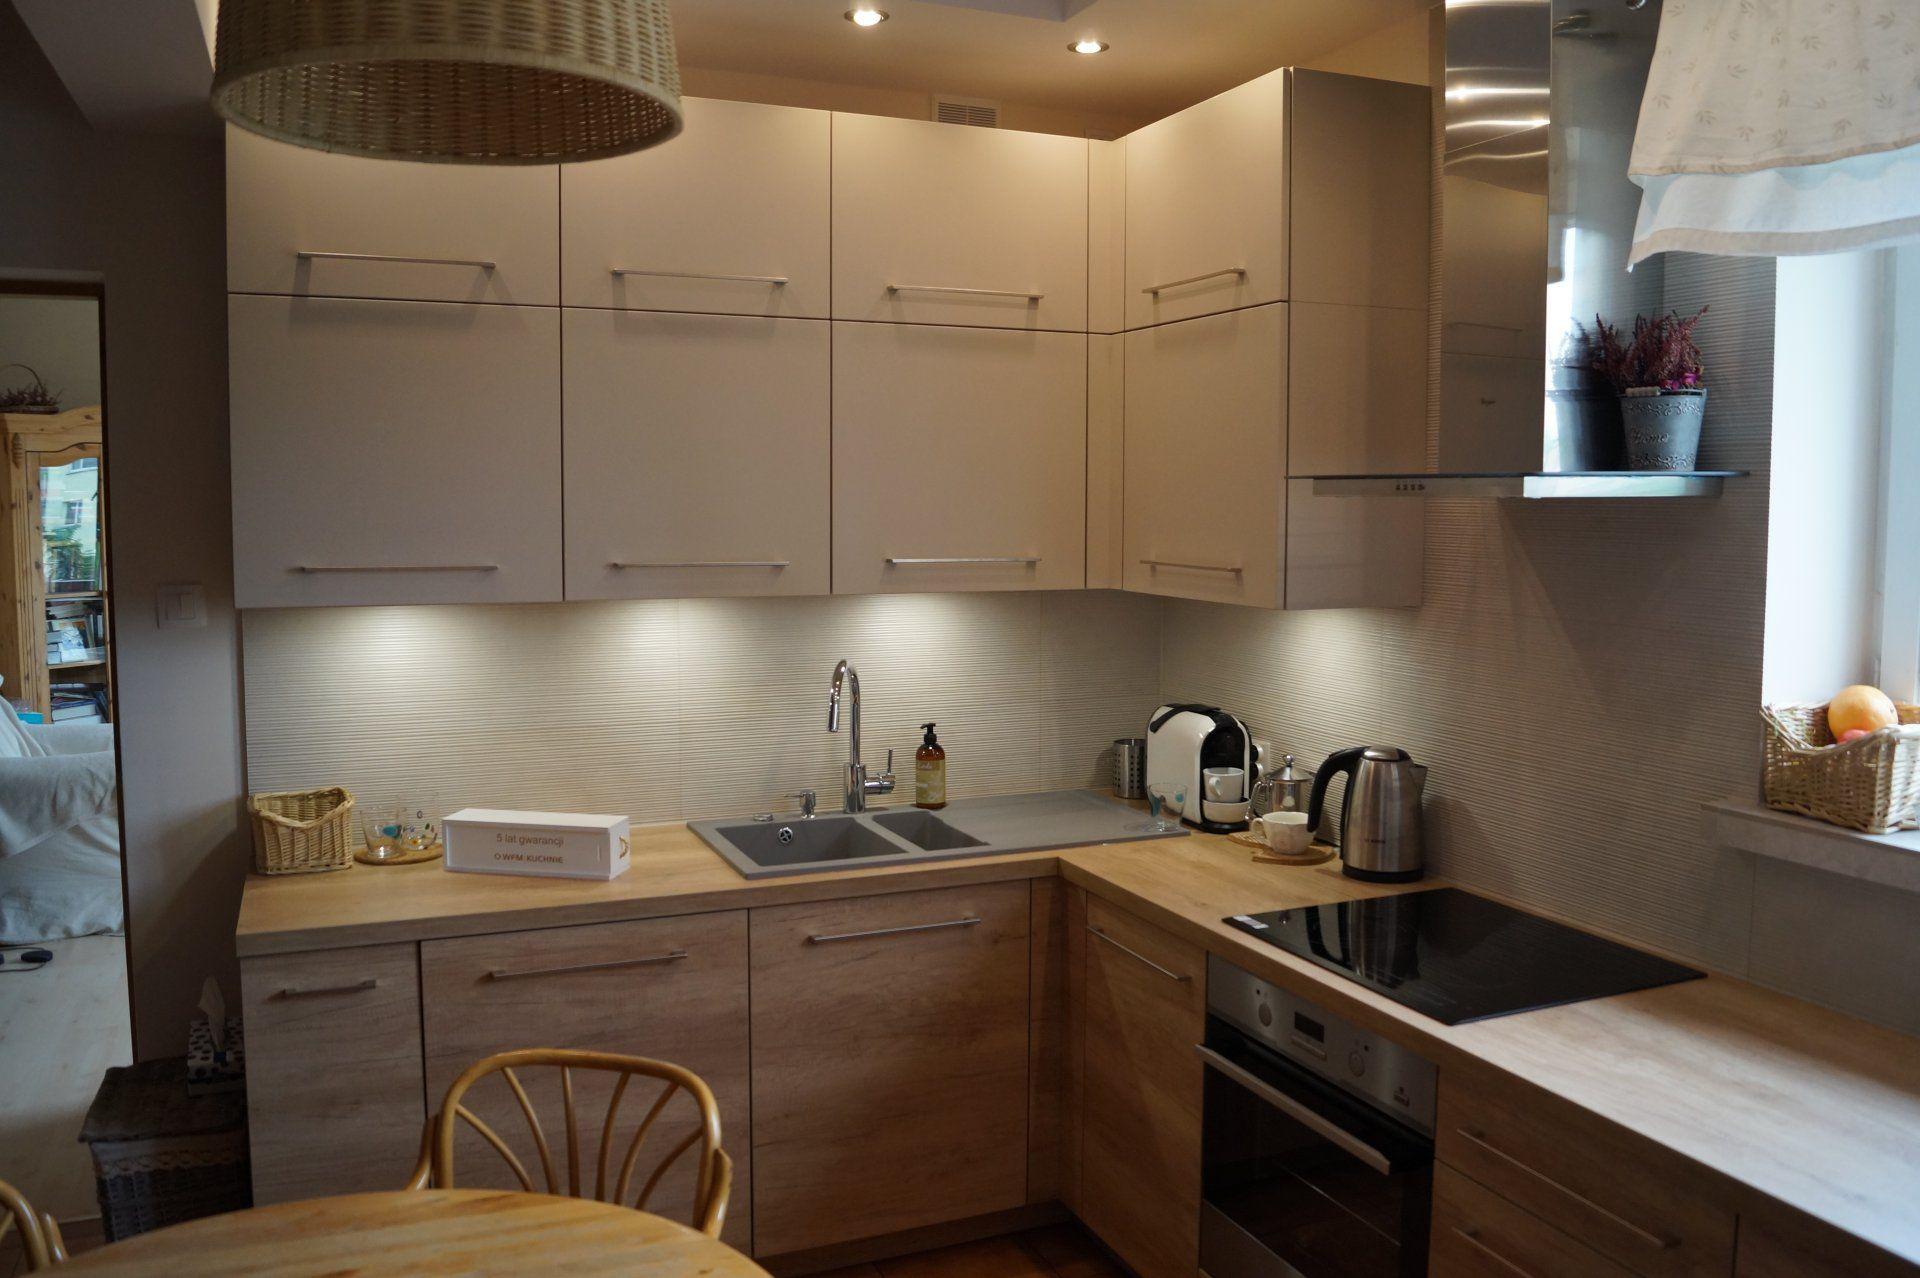 Kuchnia Nowoczesna Wfm Punto Nebraska Latte Kitchen Design Kitchen Kitchen Cabinets